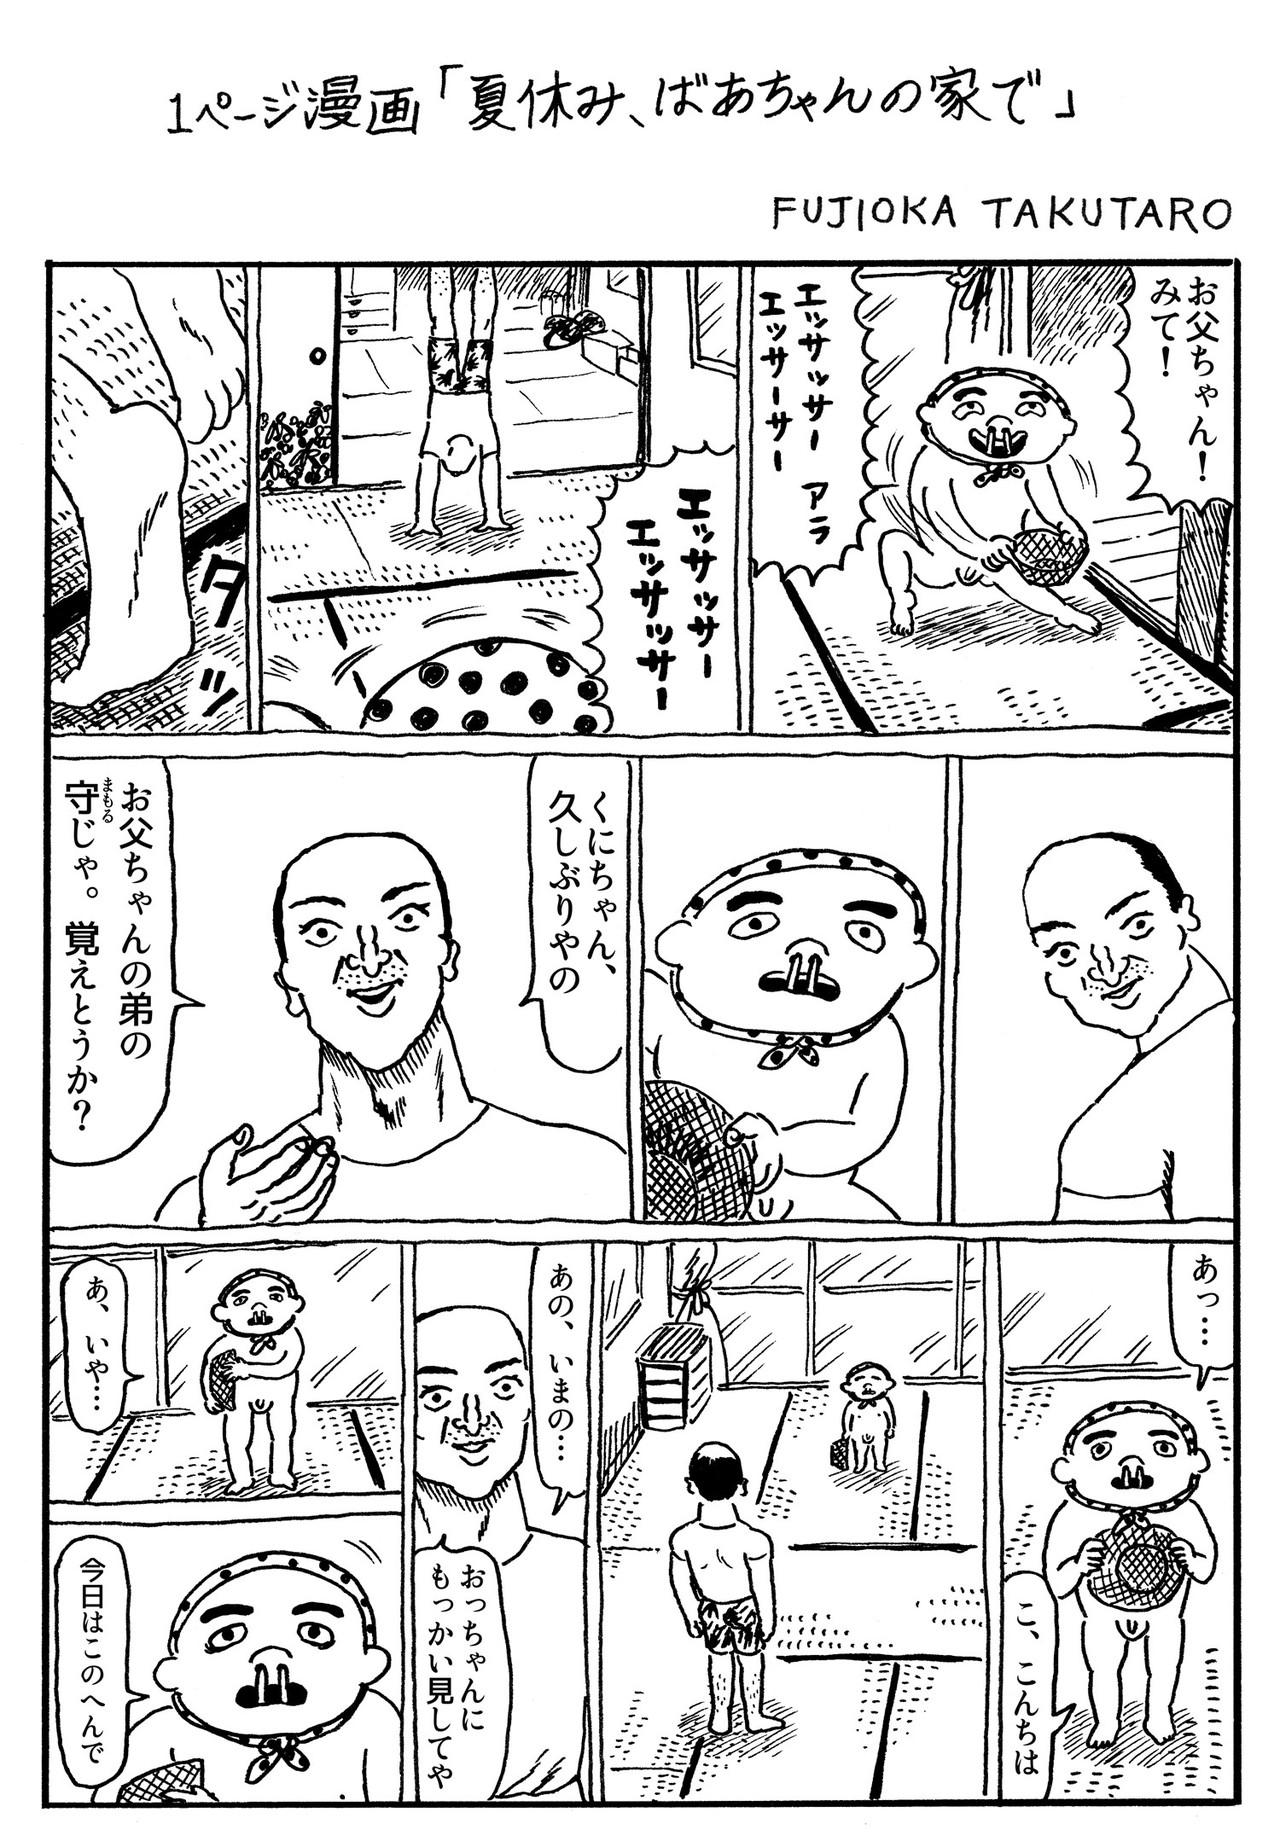 20170820_1ページ漫画_夏休み_ばあちゃんの家で__R